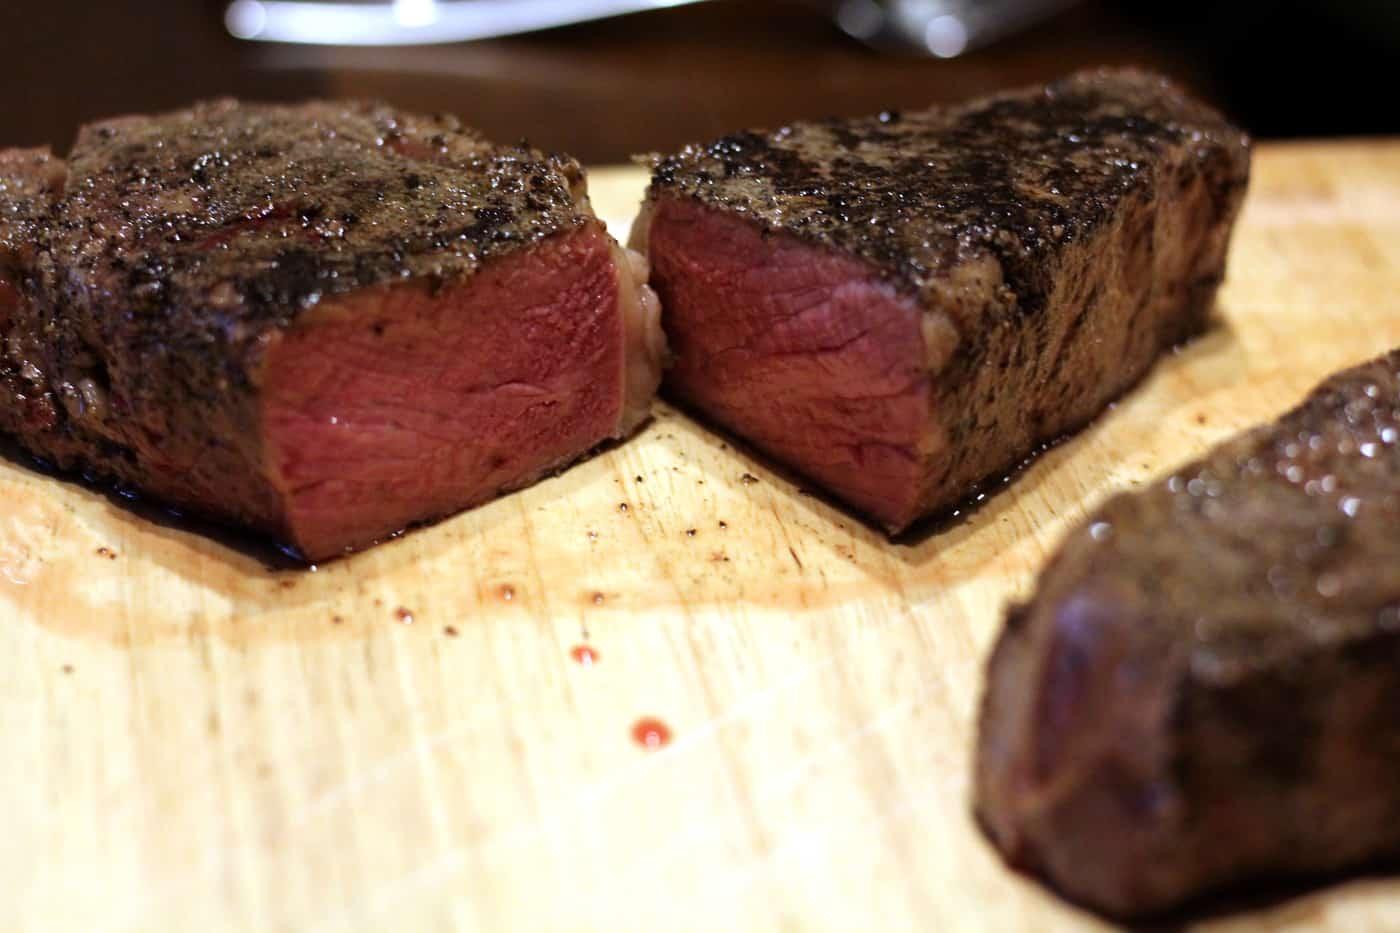 Restaurant-Worthy Steak using Sous Vide